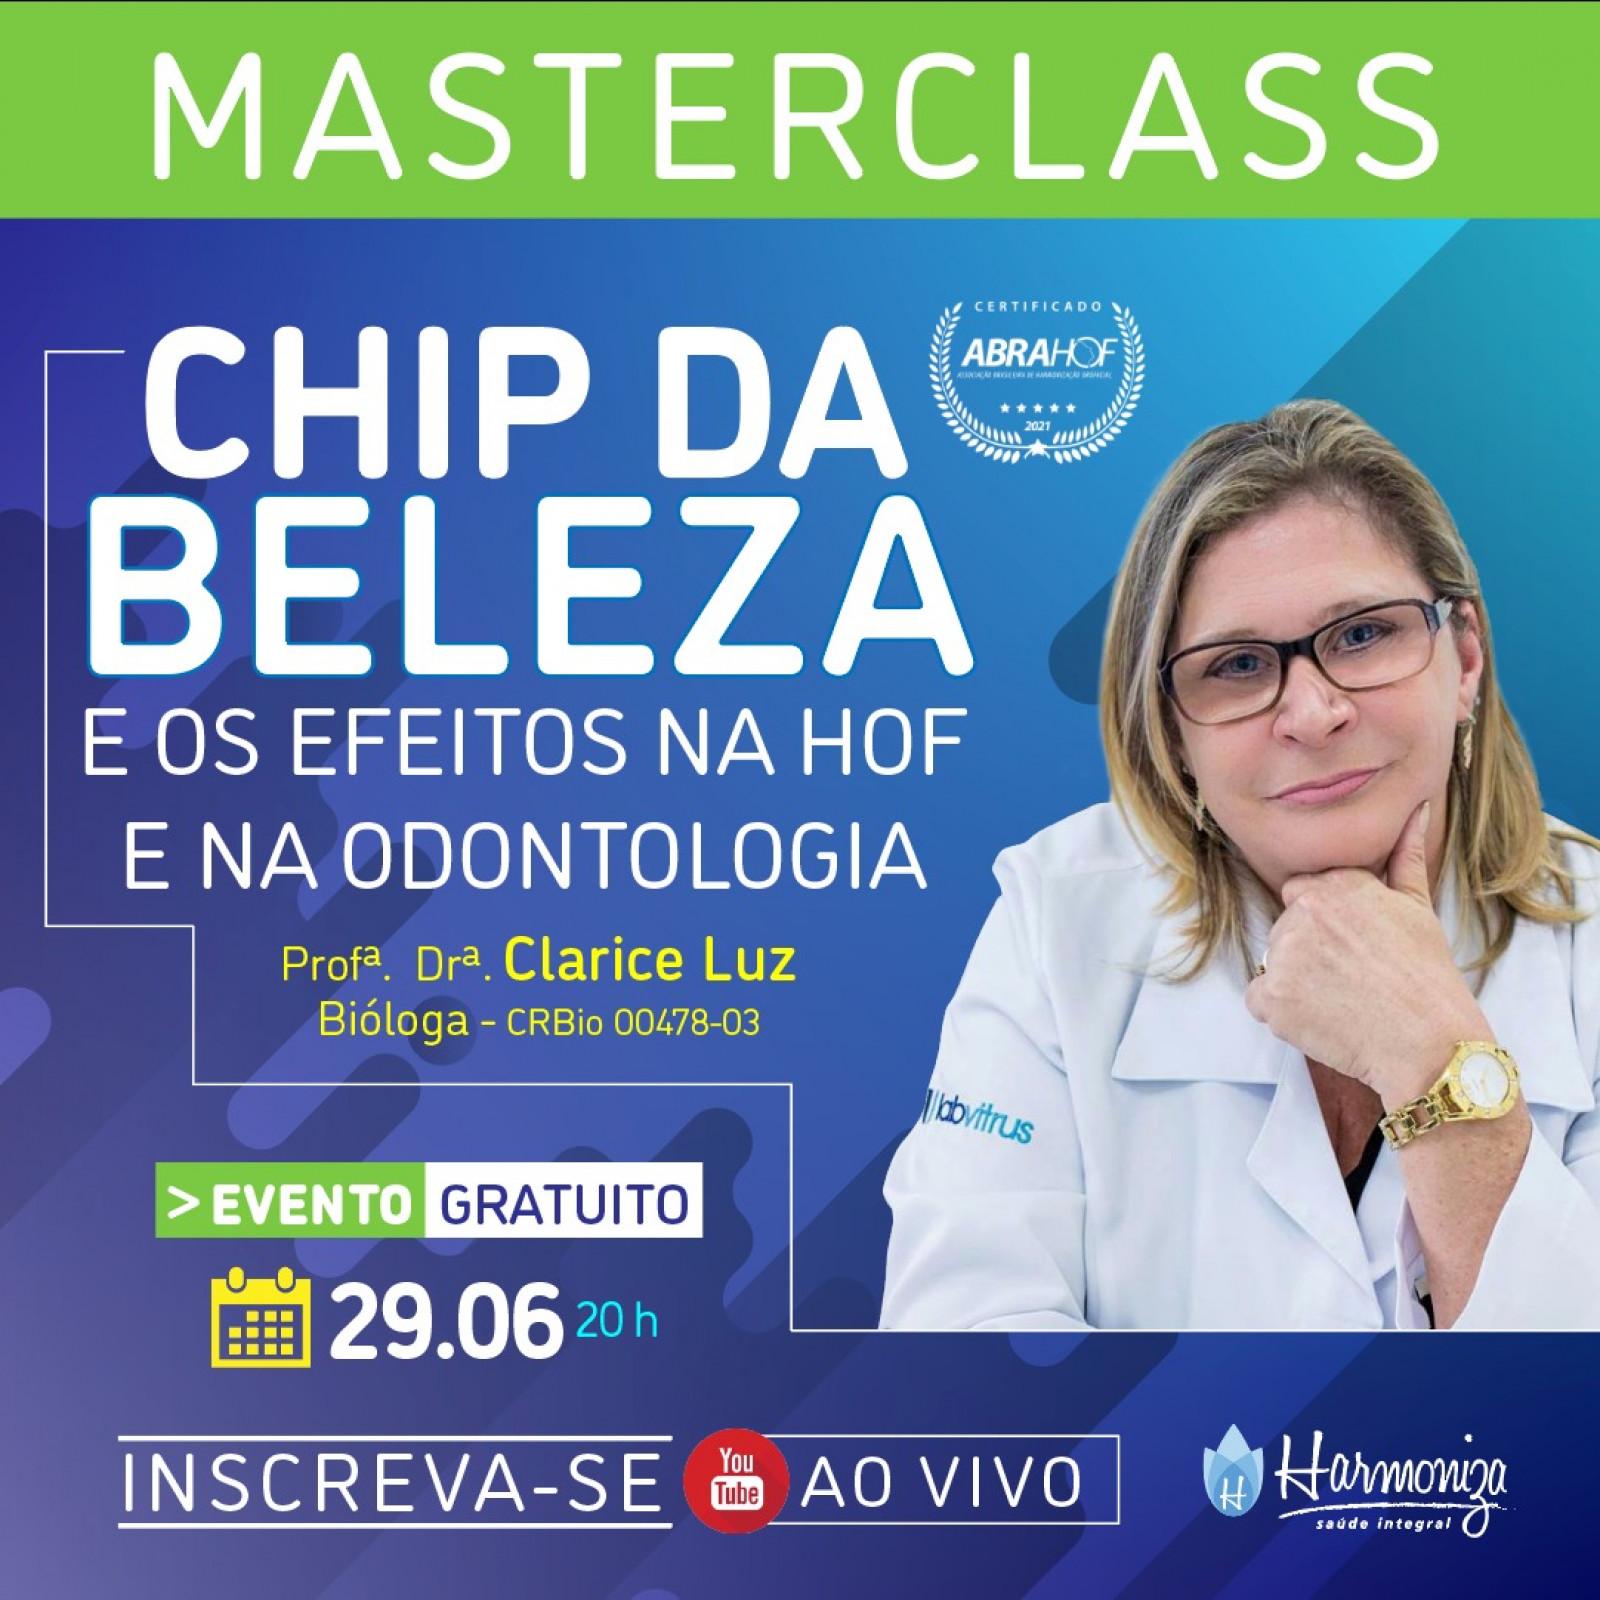 Master Class CHIP DA BELEZA e os efeitos na HOF, na Odontologia e na Saúde Geral.